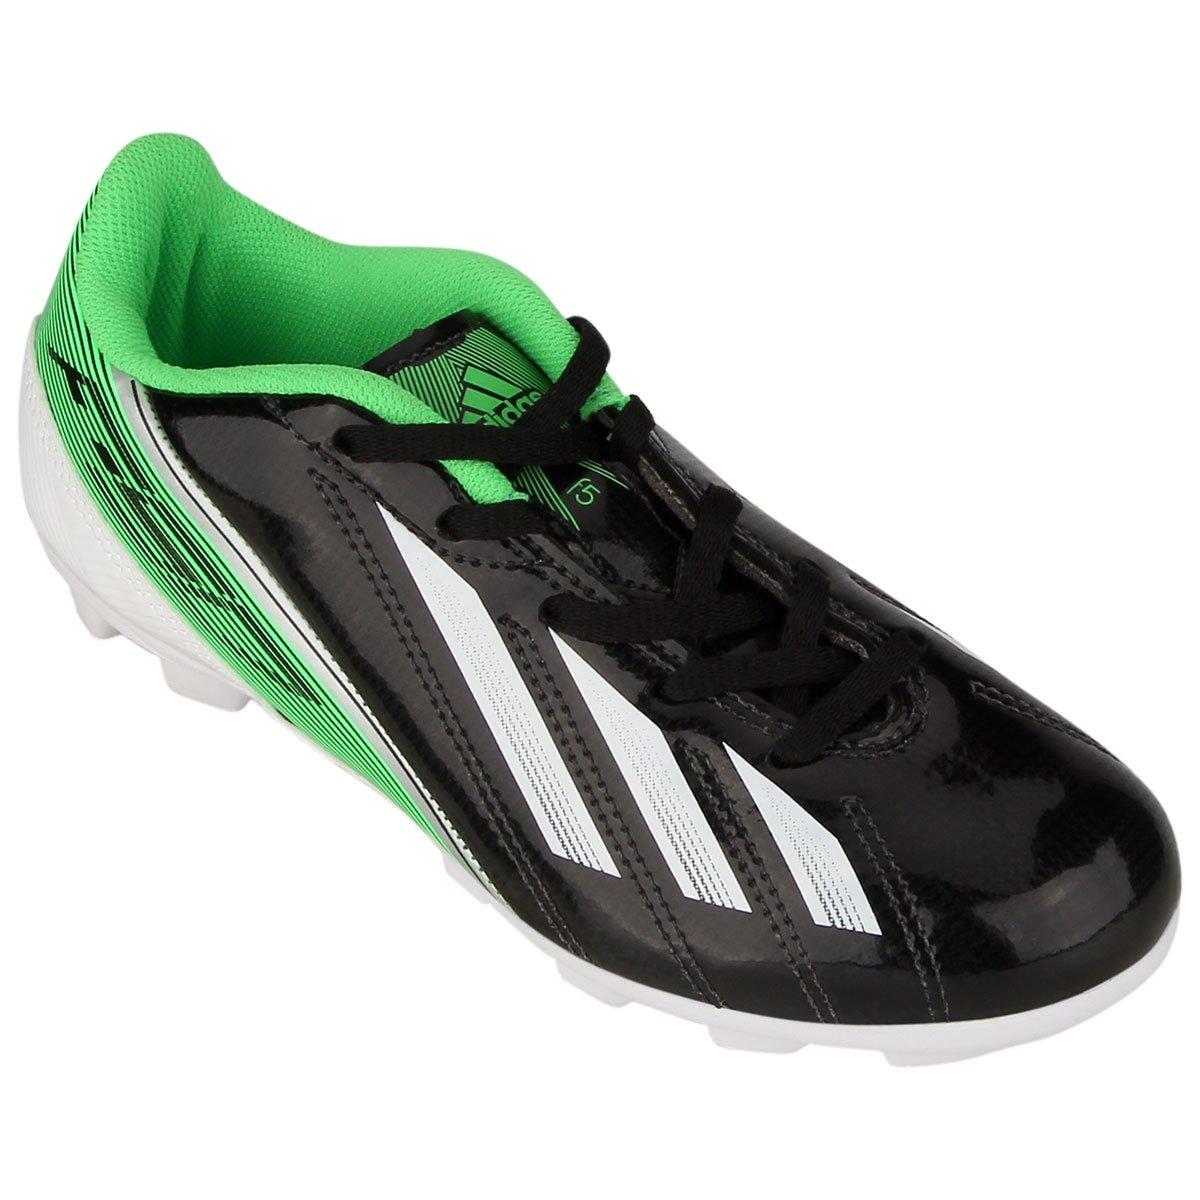 timeless design 956ef 9e514 Chuteira Adidas F5 TRX HG Infantil - Compre Agora  Netshoes